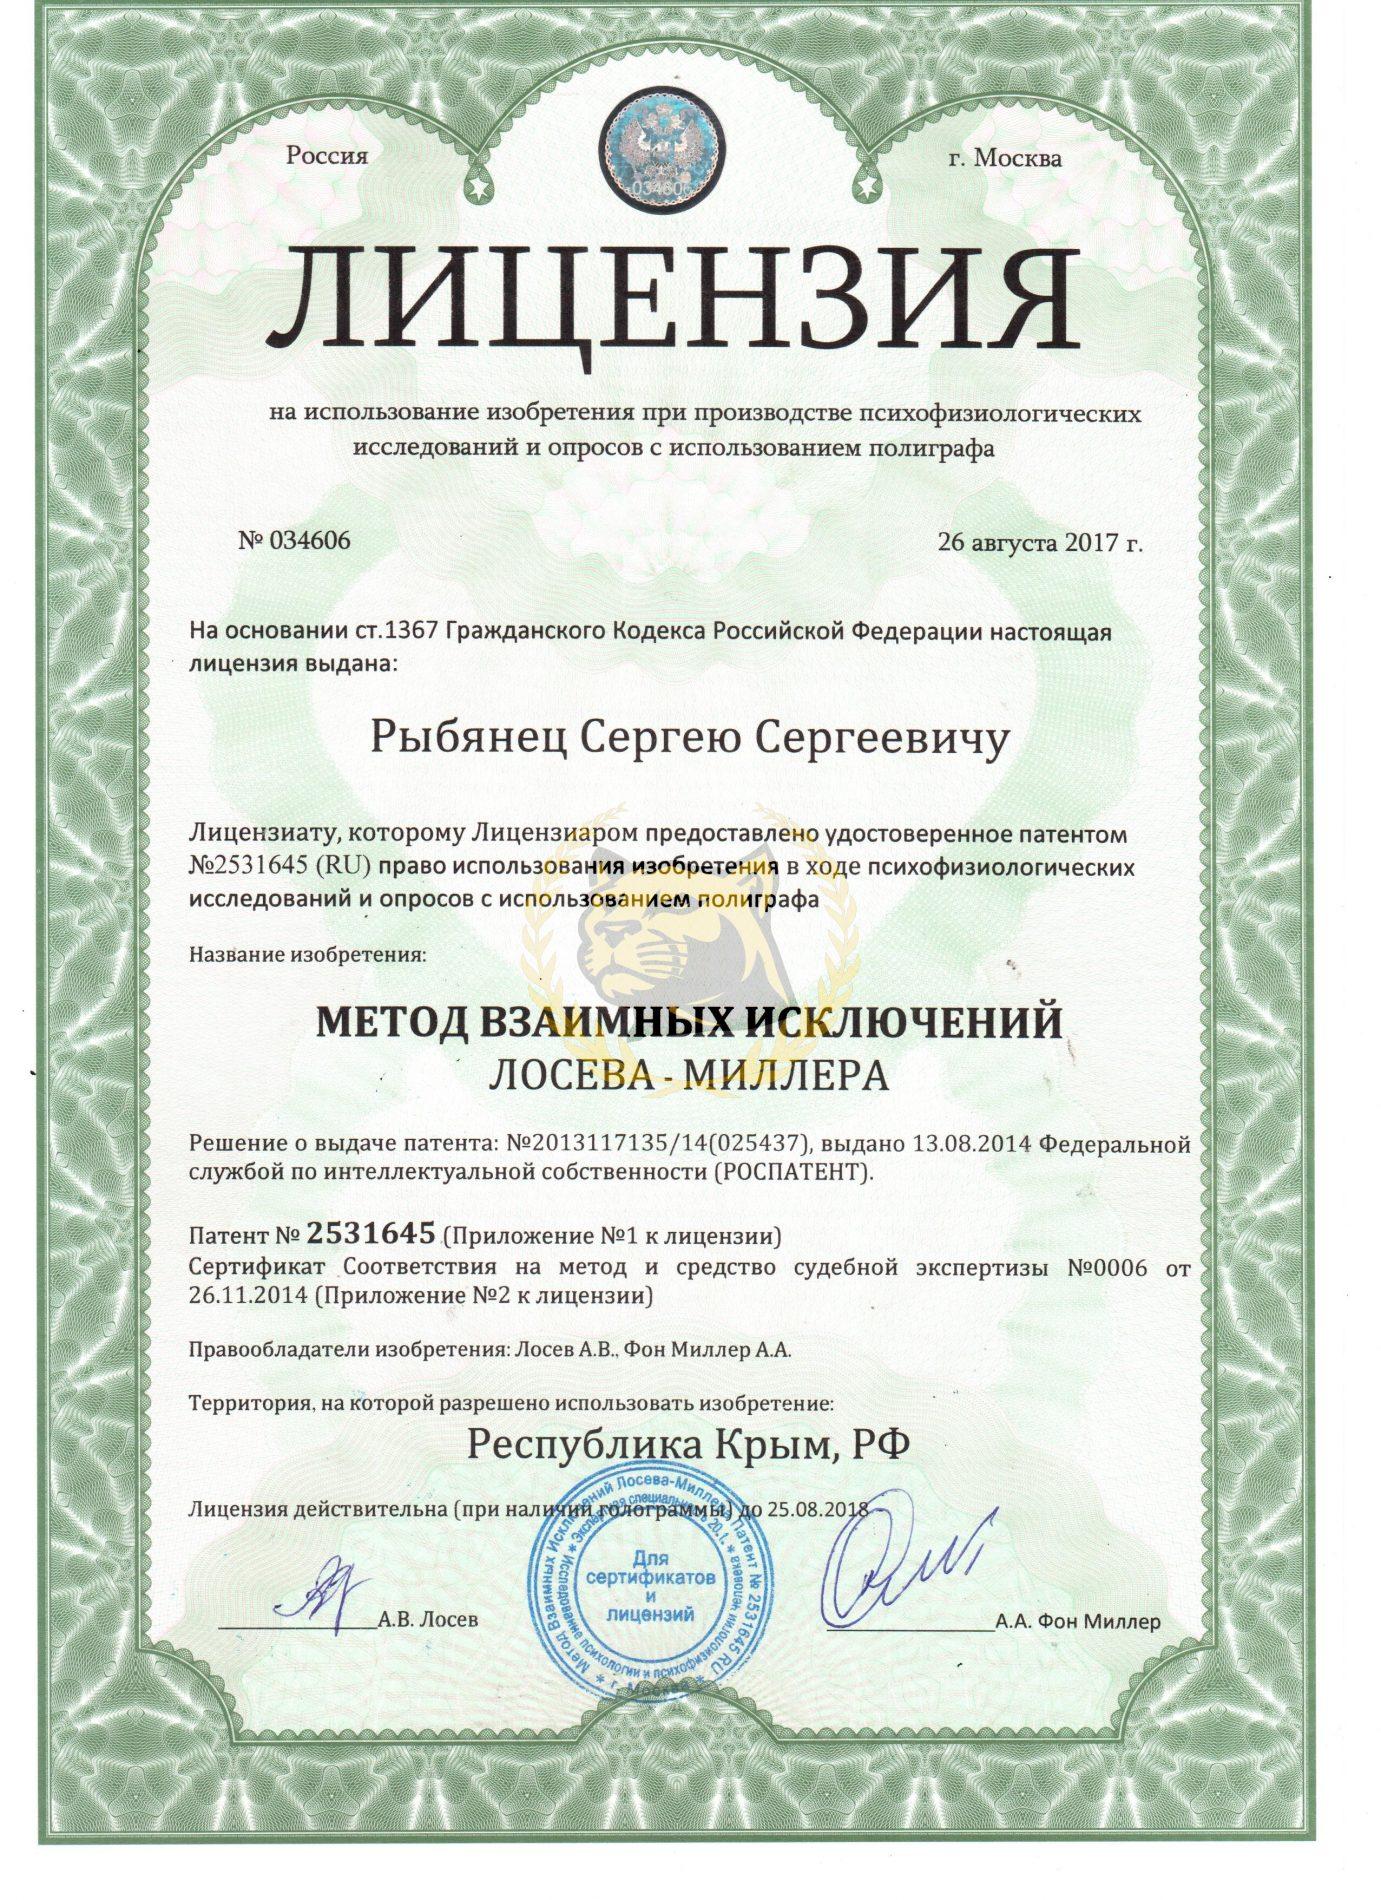 """Лицензия. """"Метод взаимных исключений Лосева-Миллера"""""""